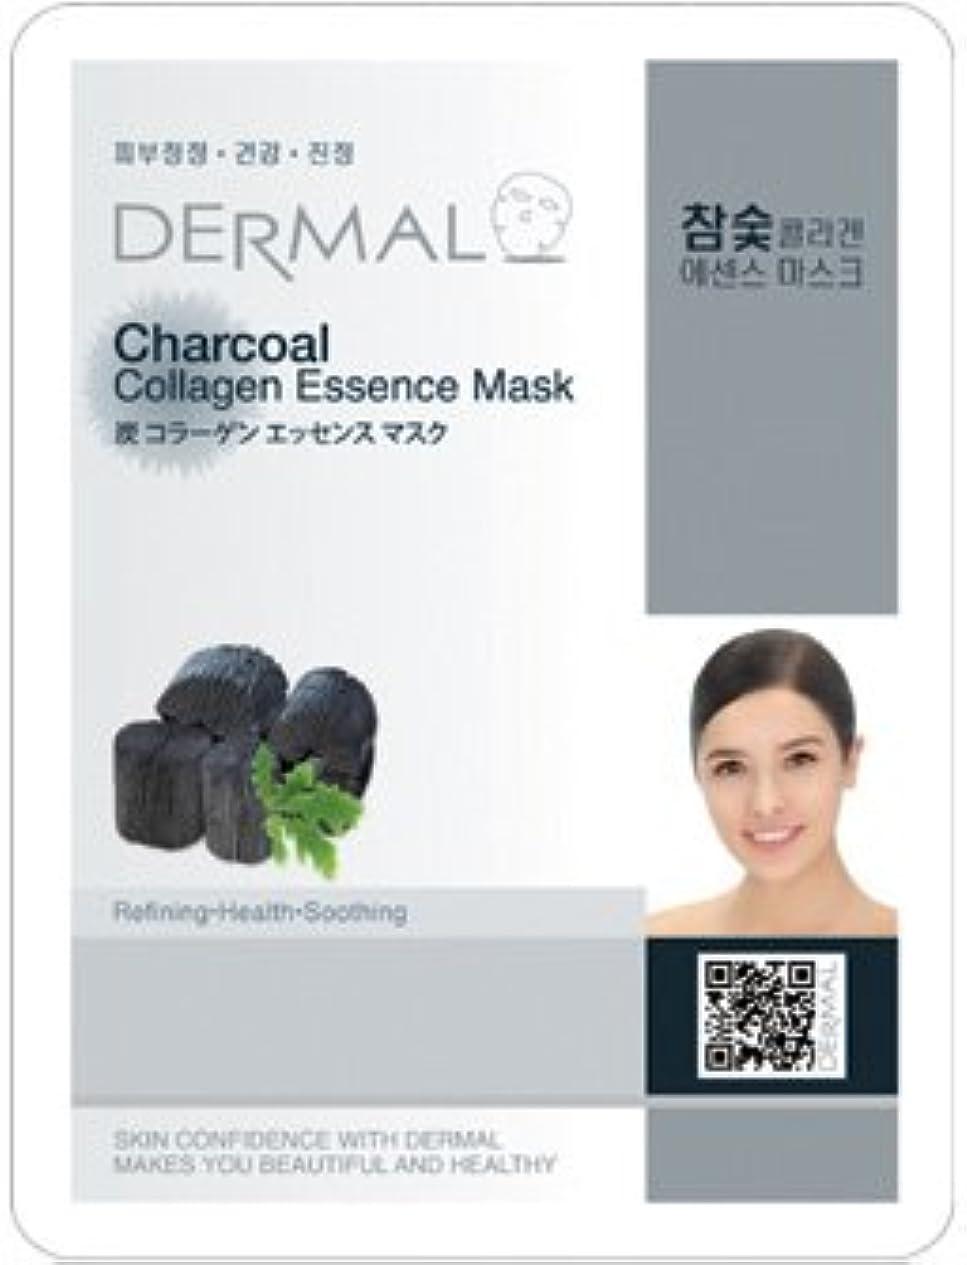 ジュニア存在予言するシート マスク 炭 ダーマル Dermal 23g (10枚セット) フェイス パック